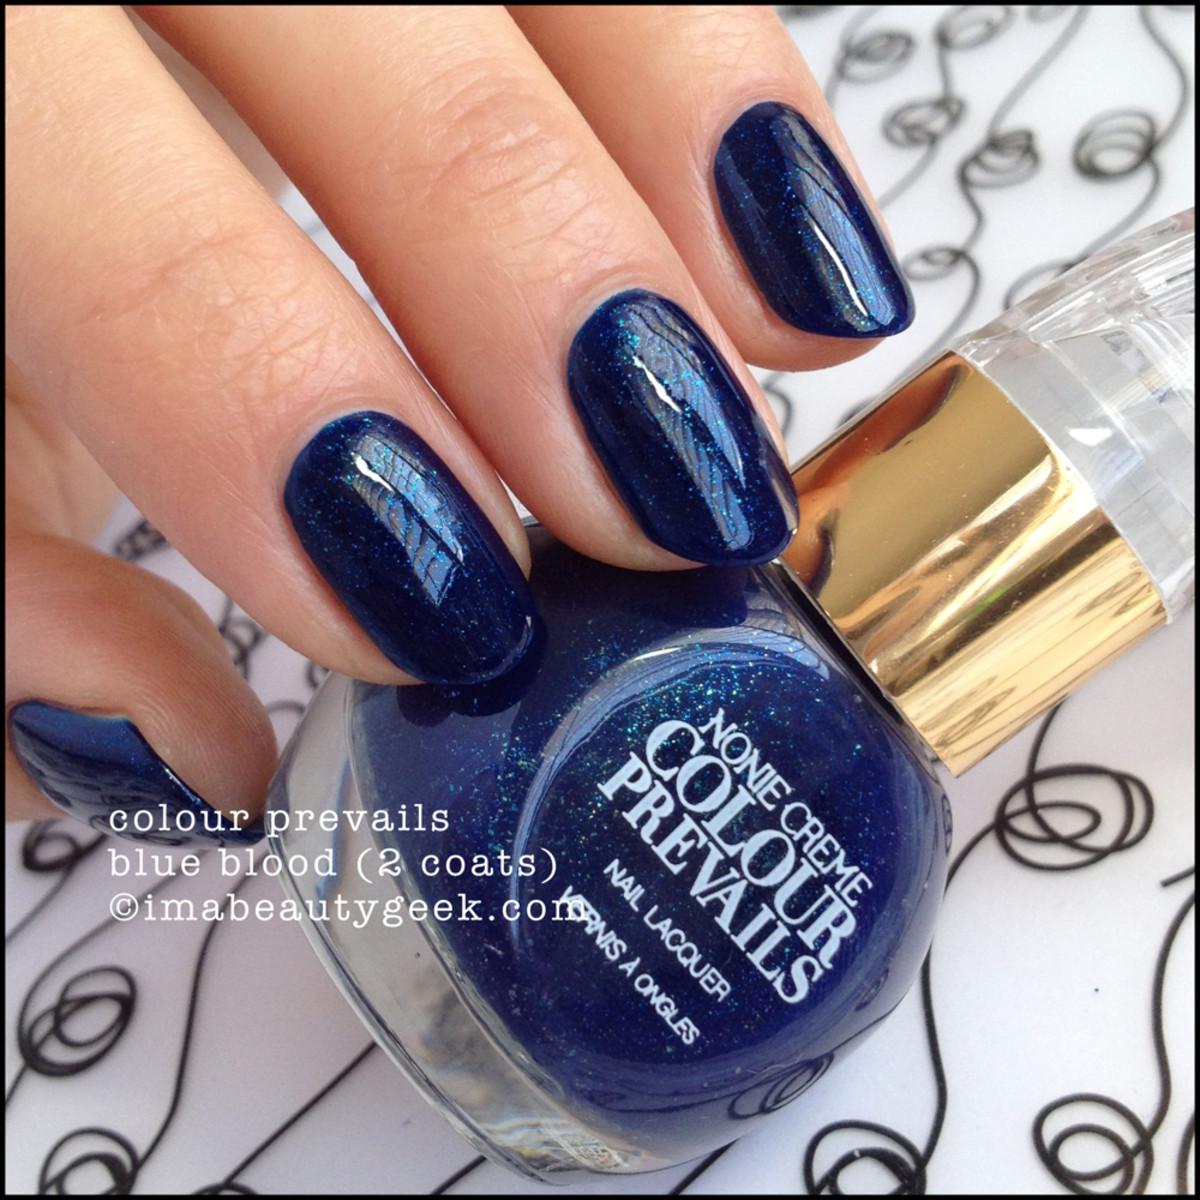 Colour Prevails Blue Blood by Nonie Creme